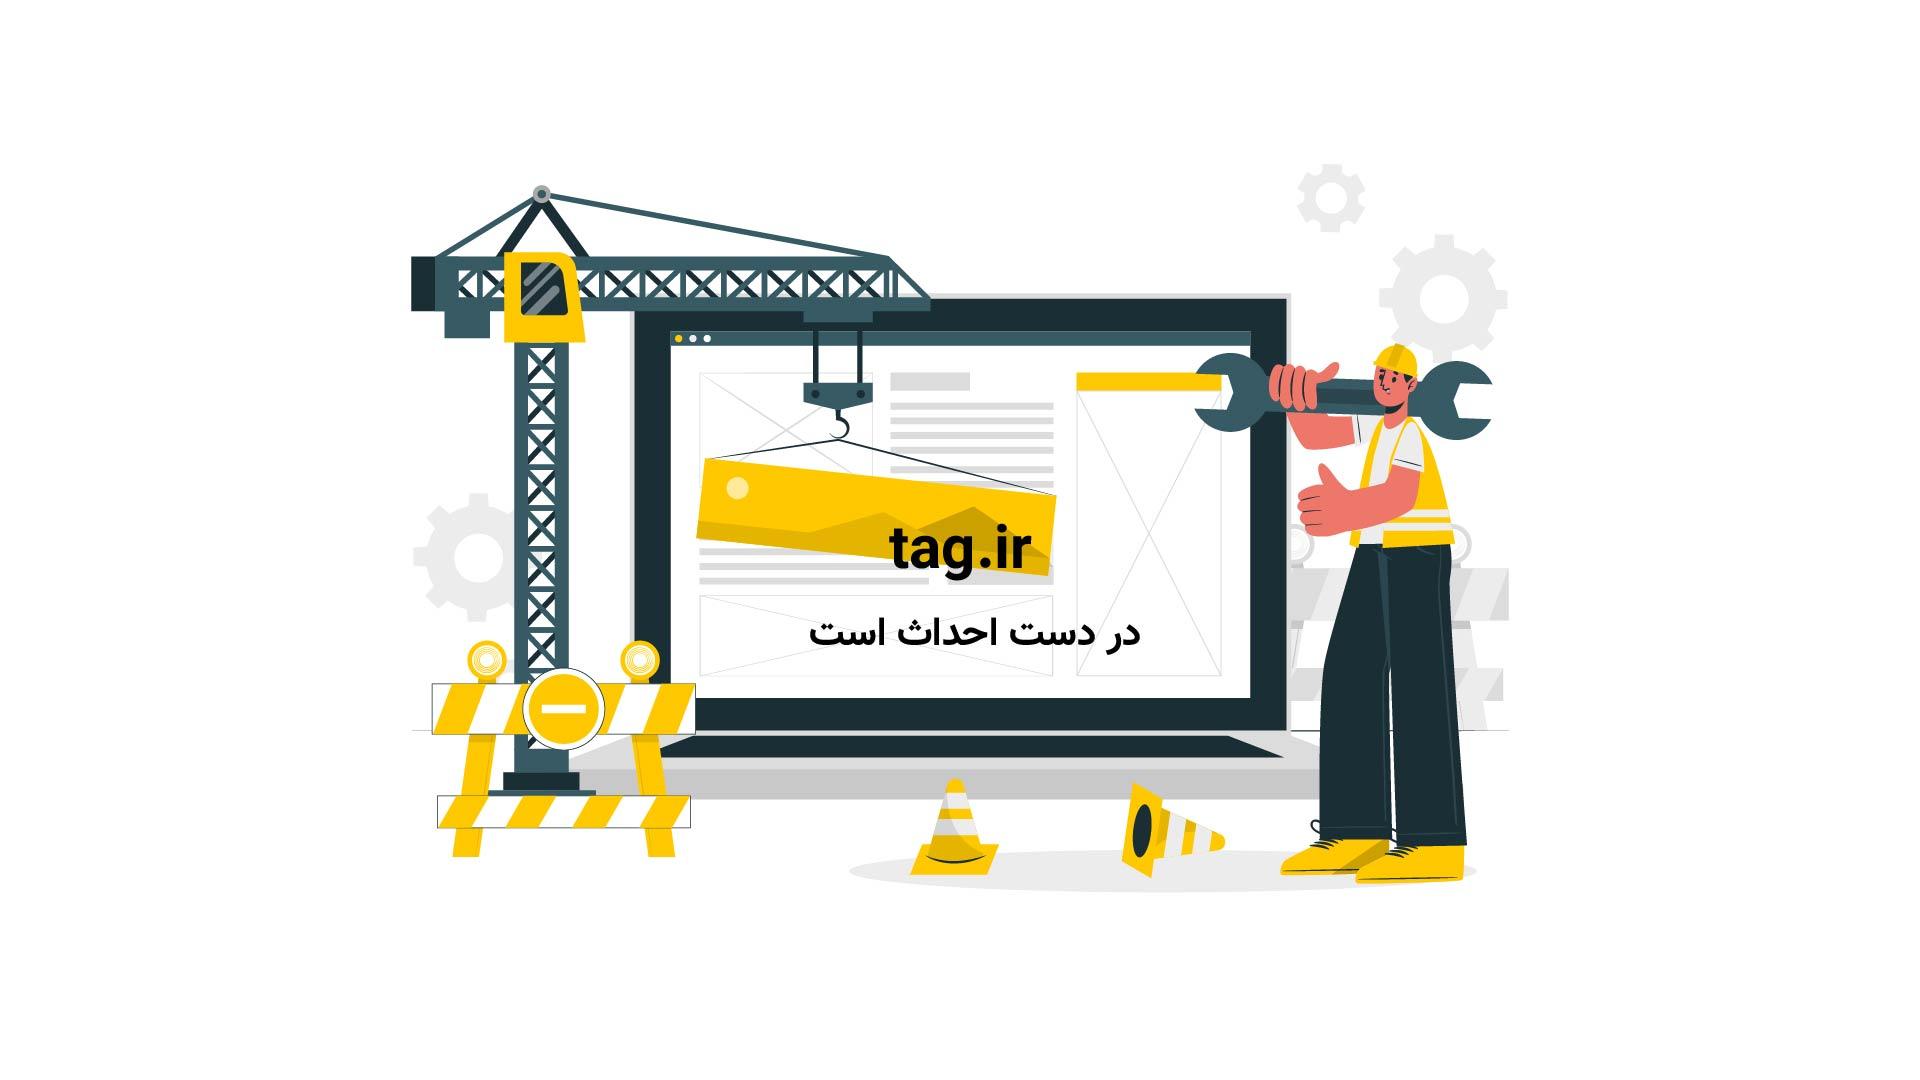 تاریخچه ربات | تگ